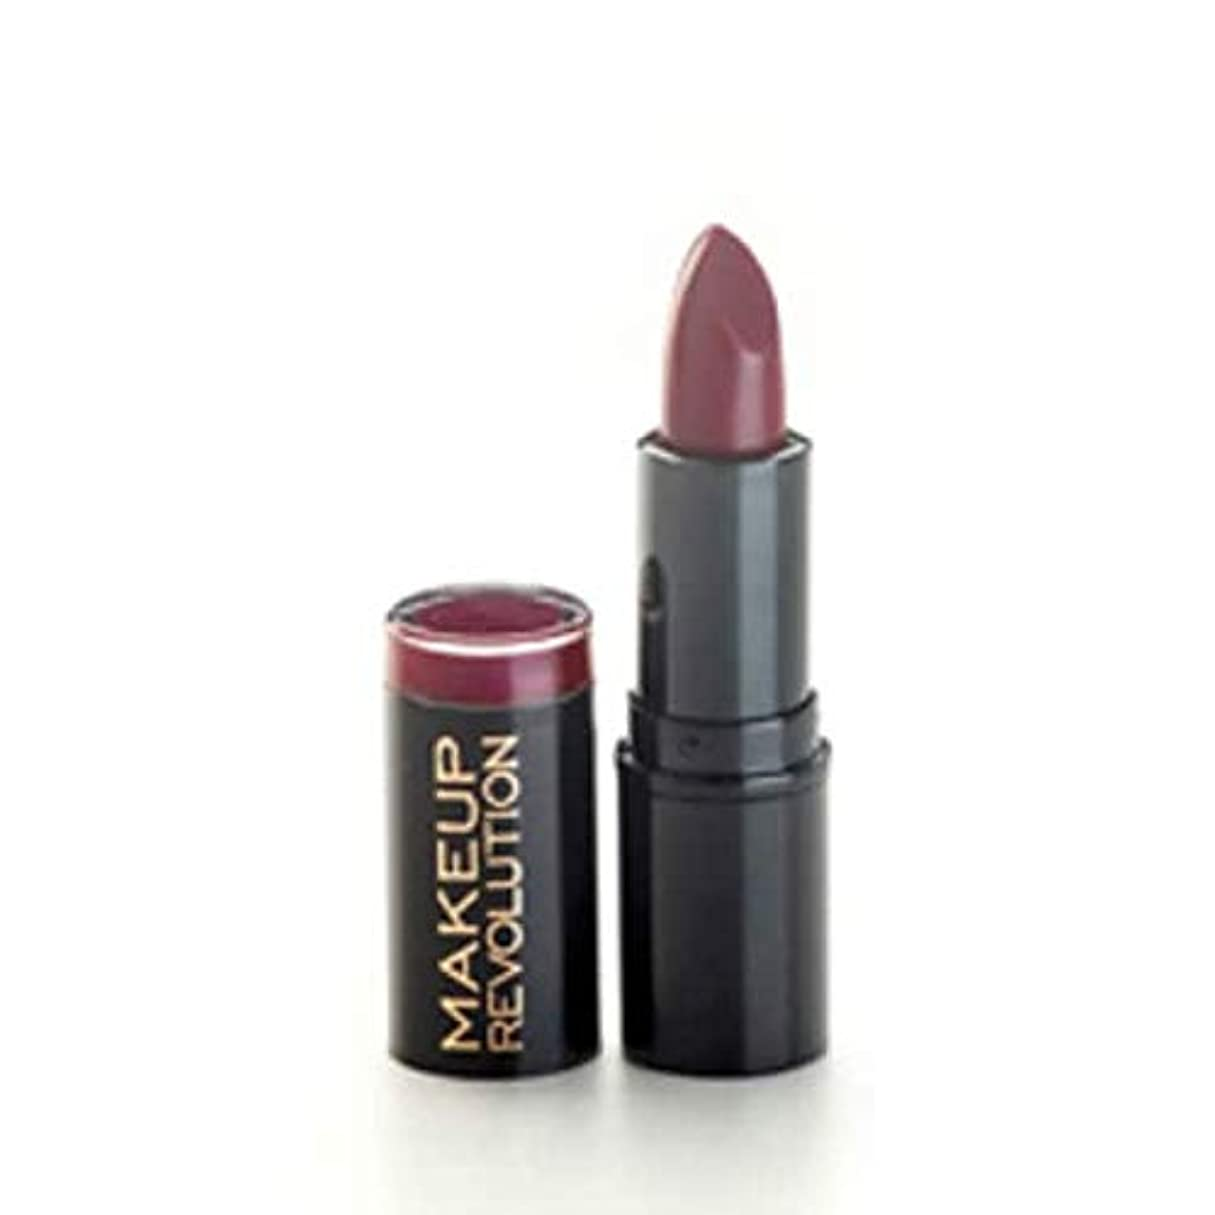 接続詞ドロー空港[Revolution ] 原因と革命Vampコレクションの口紅の反乱 - Revolution Vamp Collection Lipstick Rebel with Cause [並行輸入品]